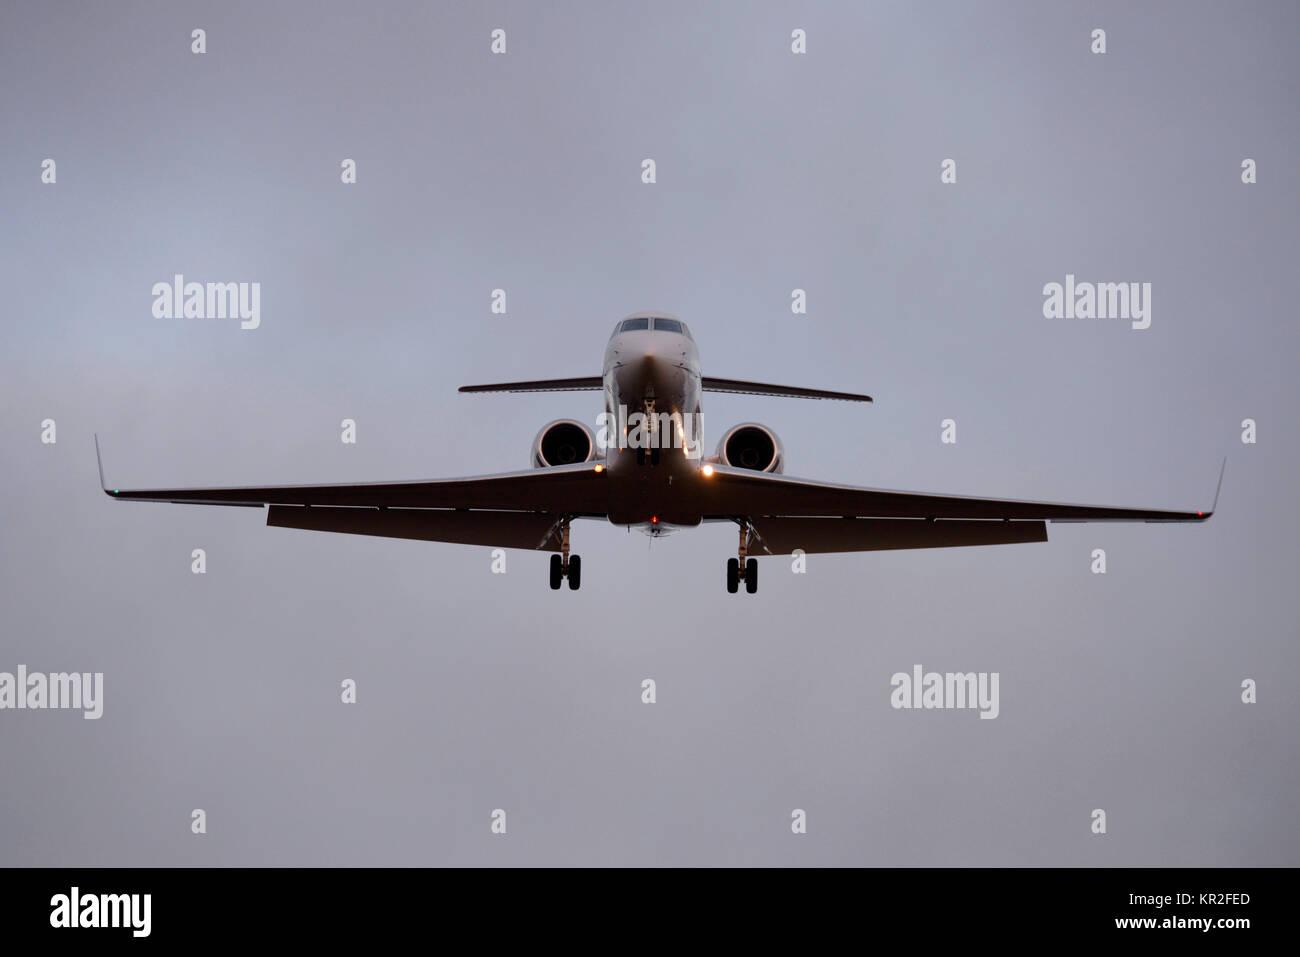 Gulfstream V GV jet avion atterrissant à l'aéroport de Londres Stansted au crépuscule. L'espace Photo Stock